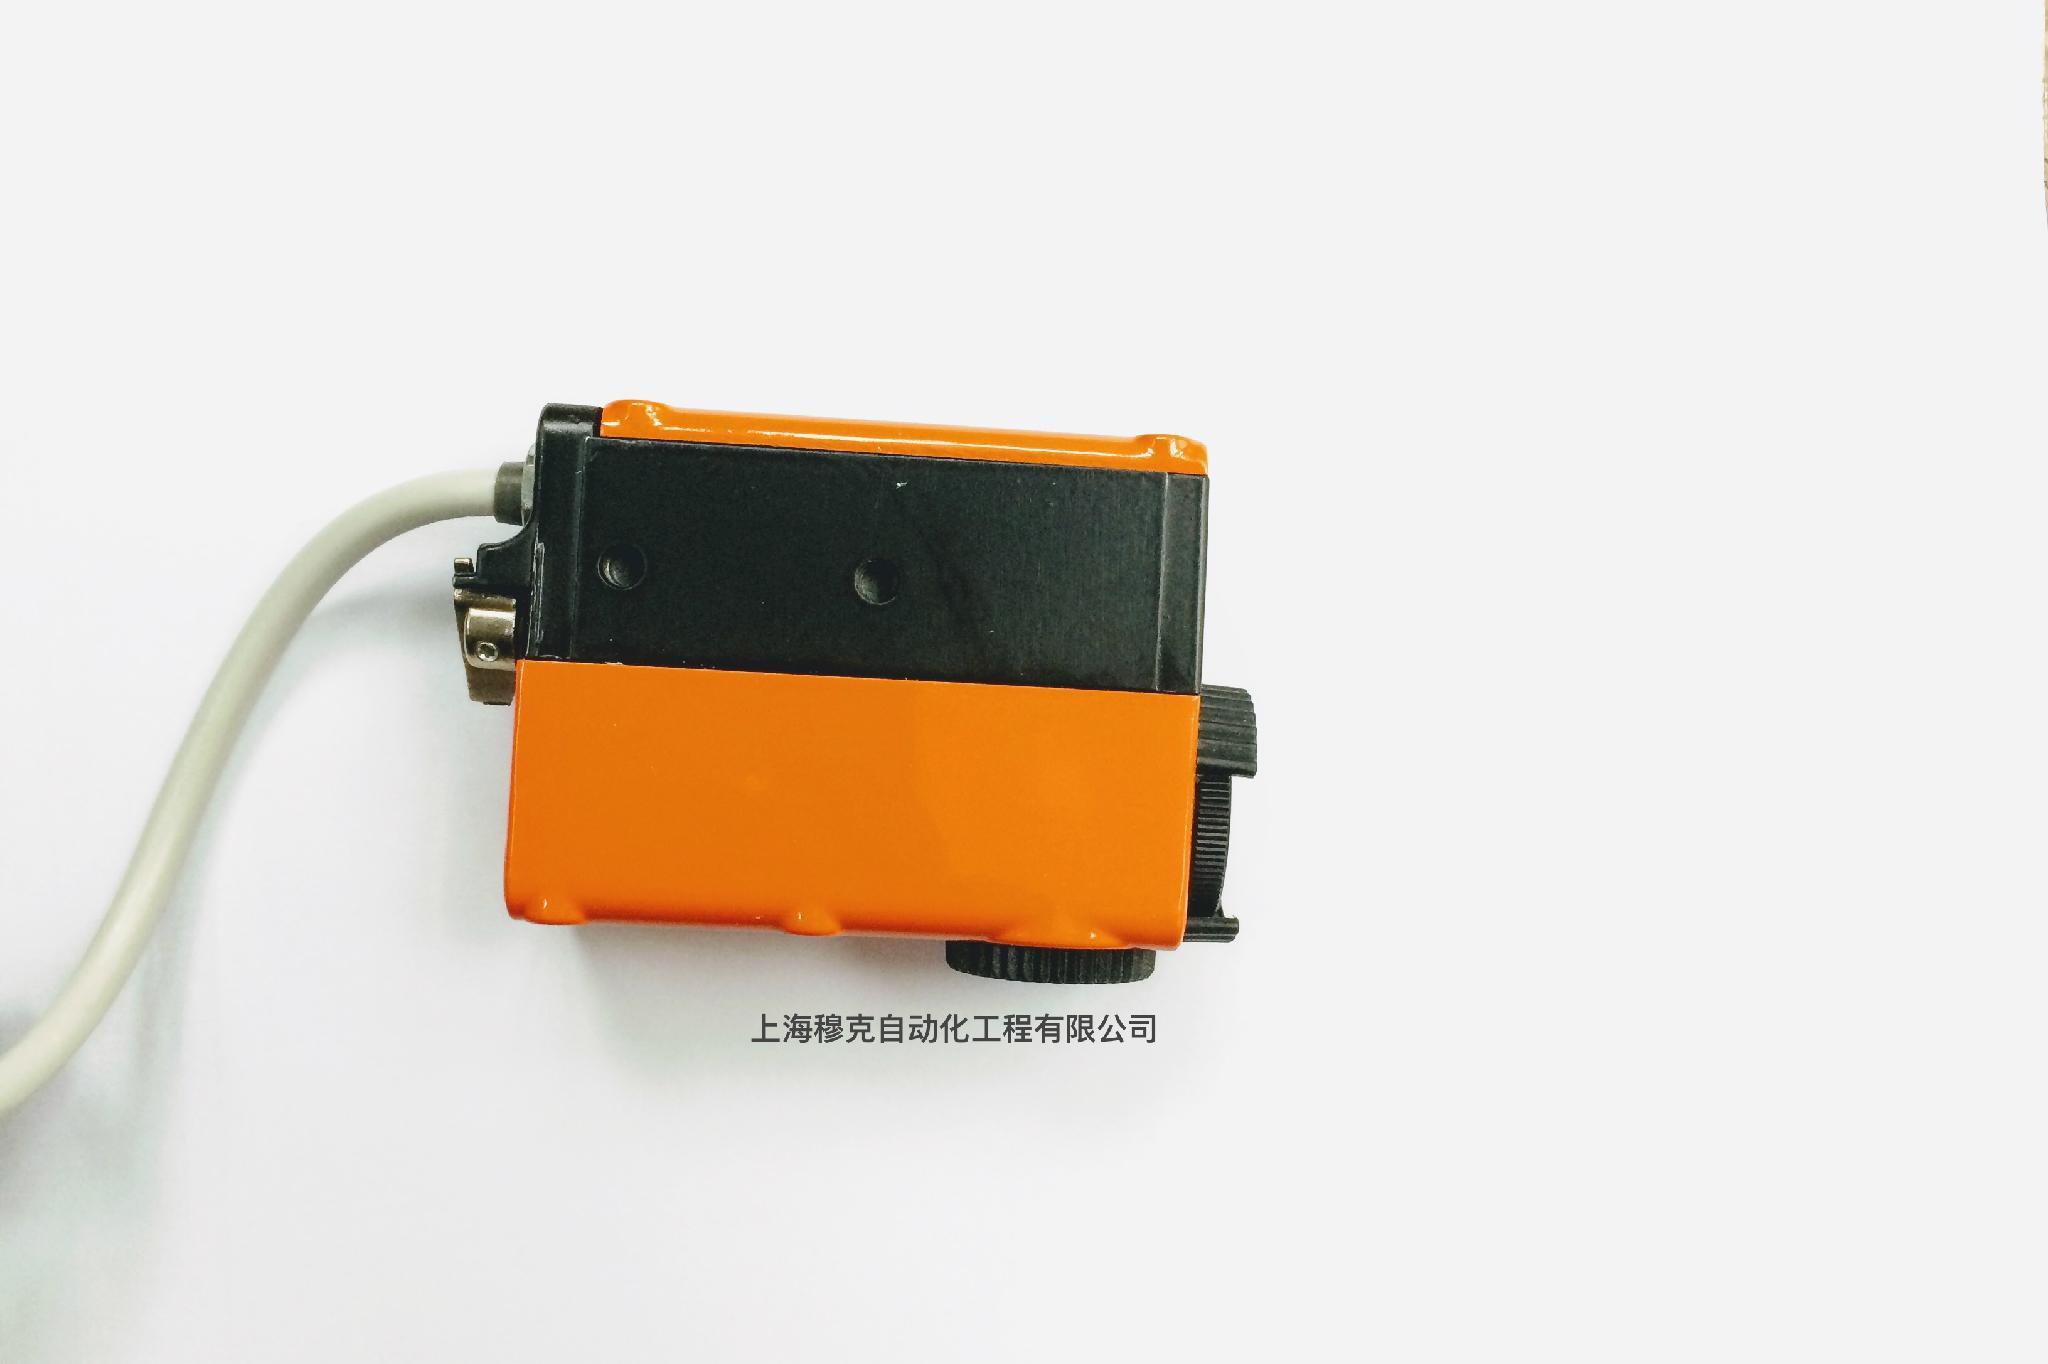 意大利Datalogic色标传感器TL10-011 1